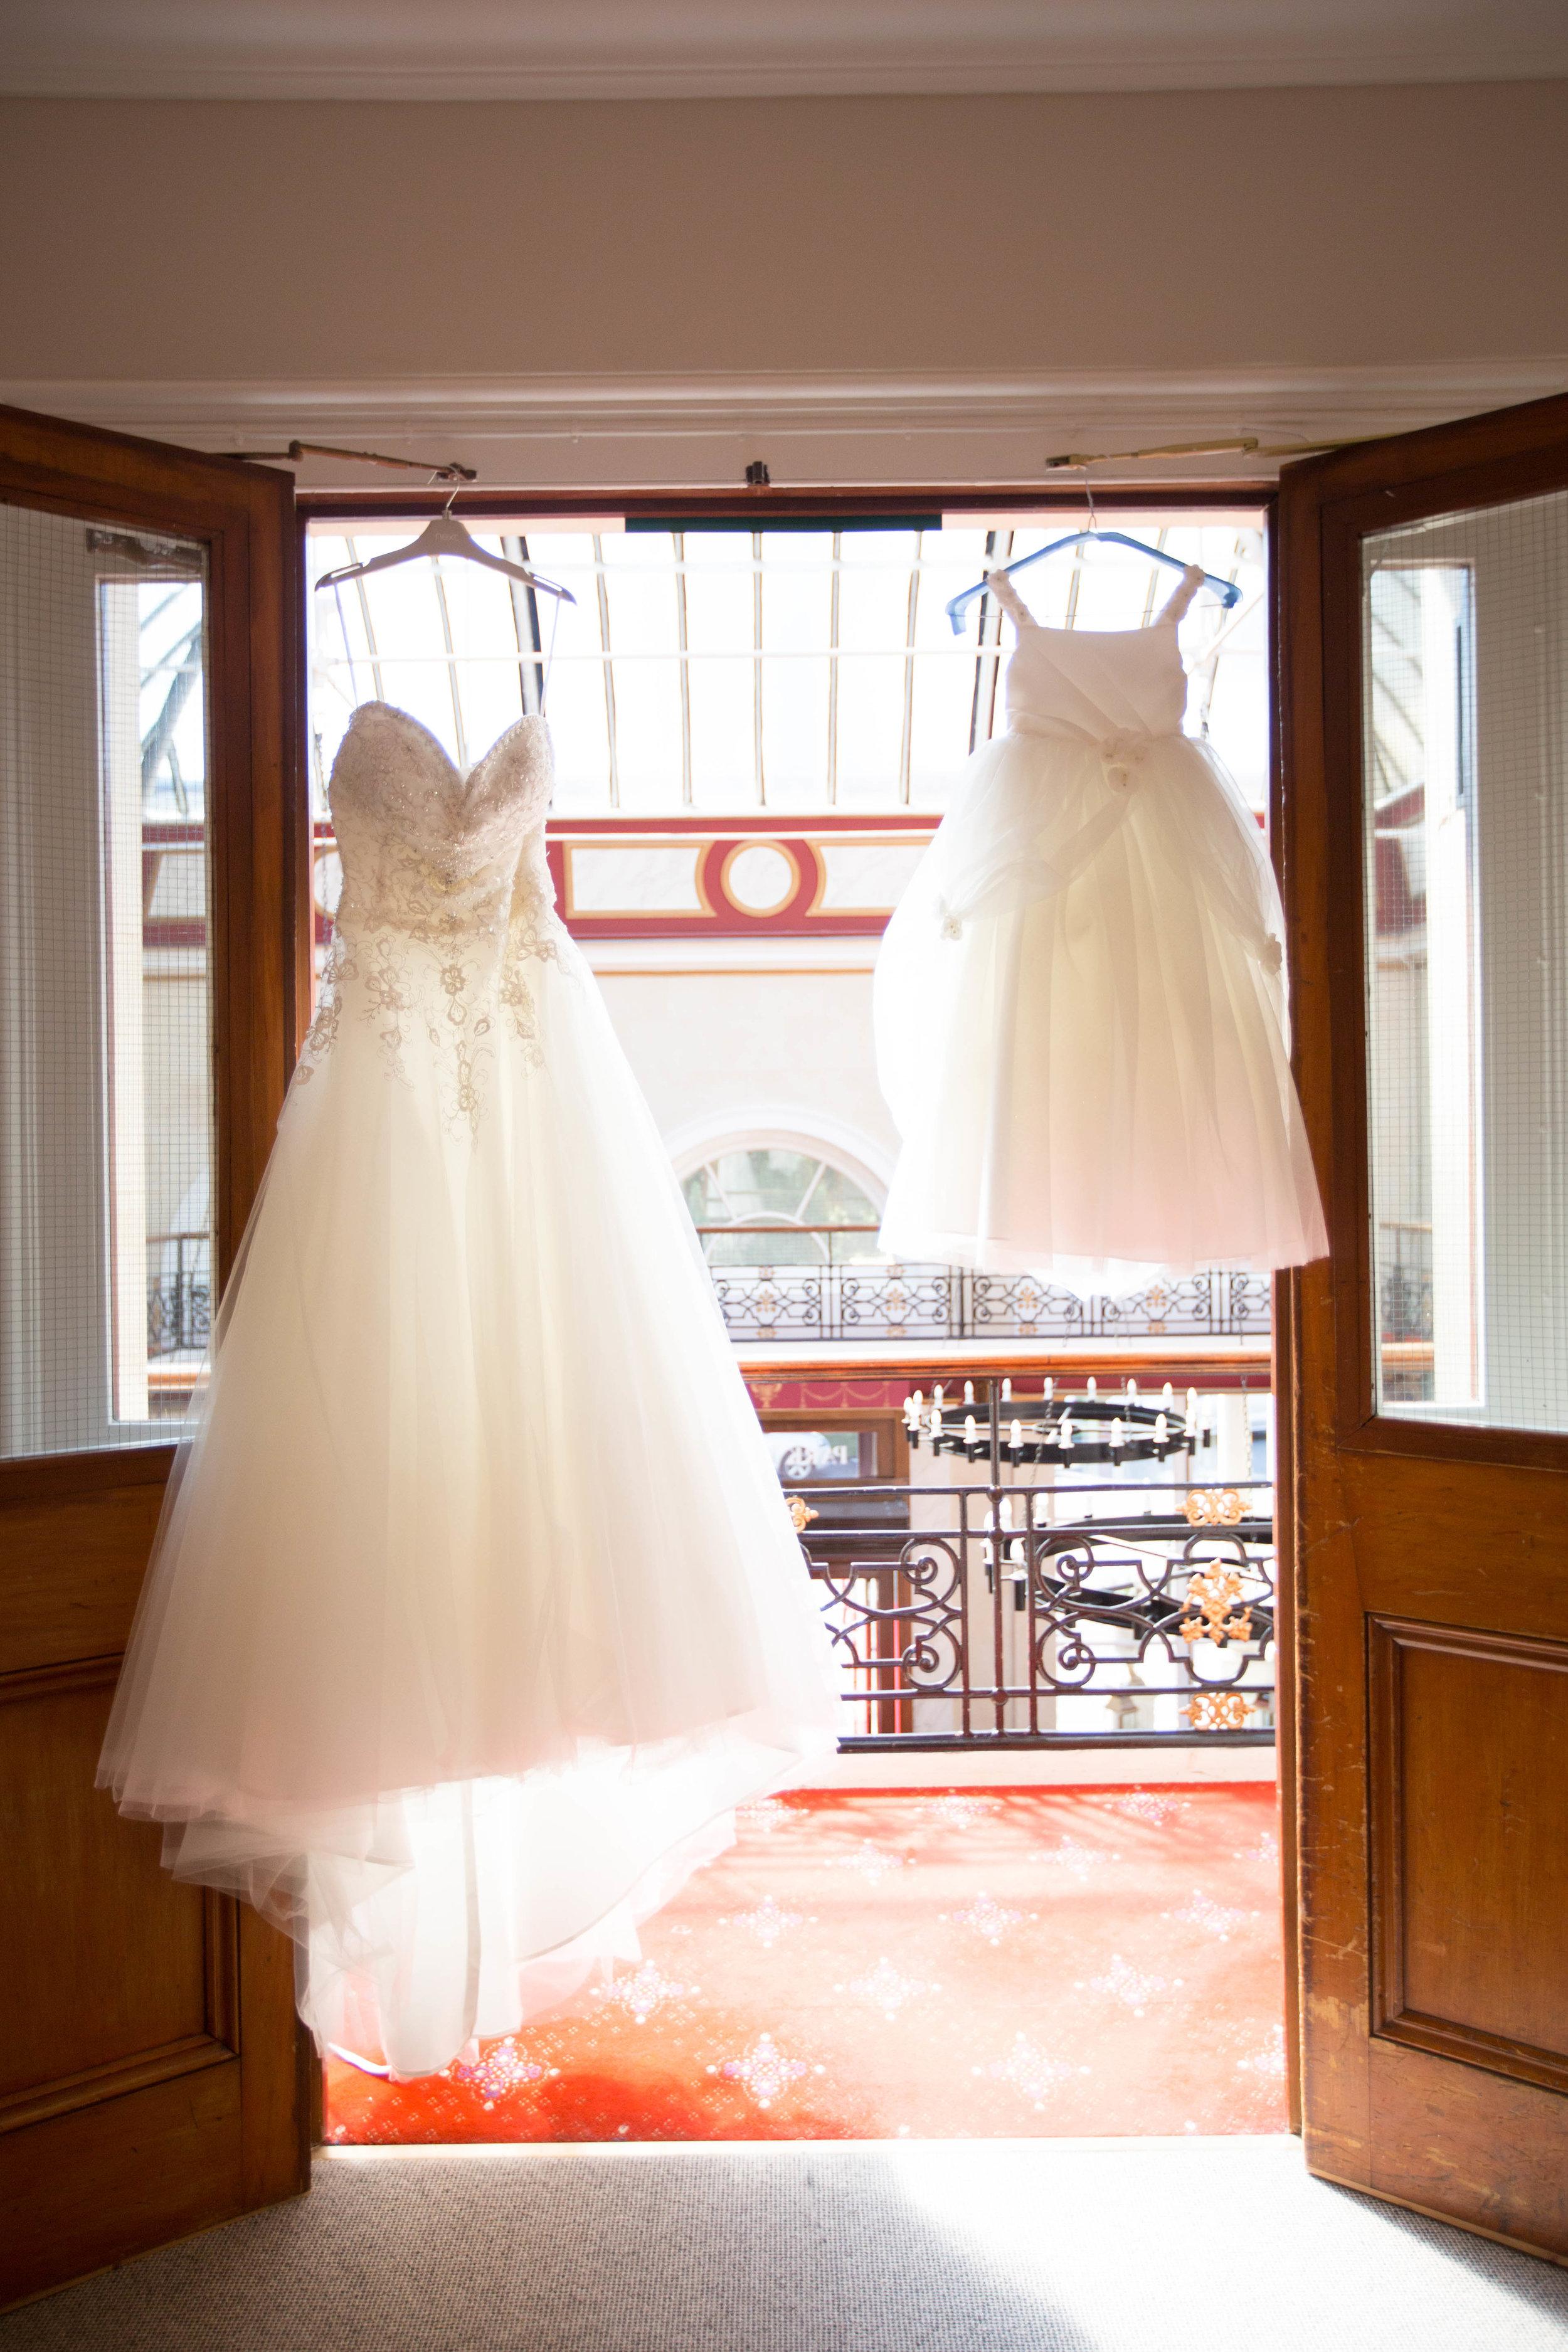 HamptonCourt-Wedding-Weybridge-Surrey-London-OatlandsParkHotel-03